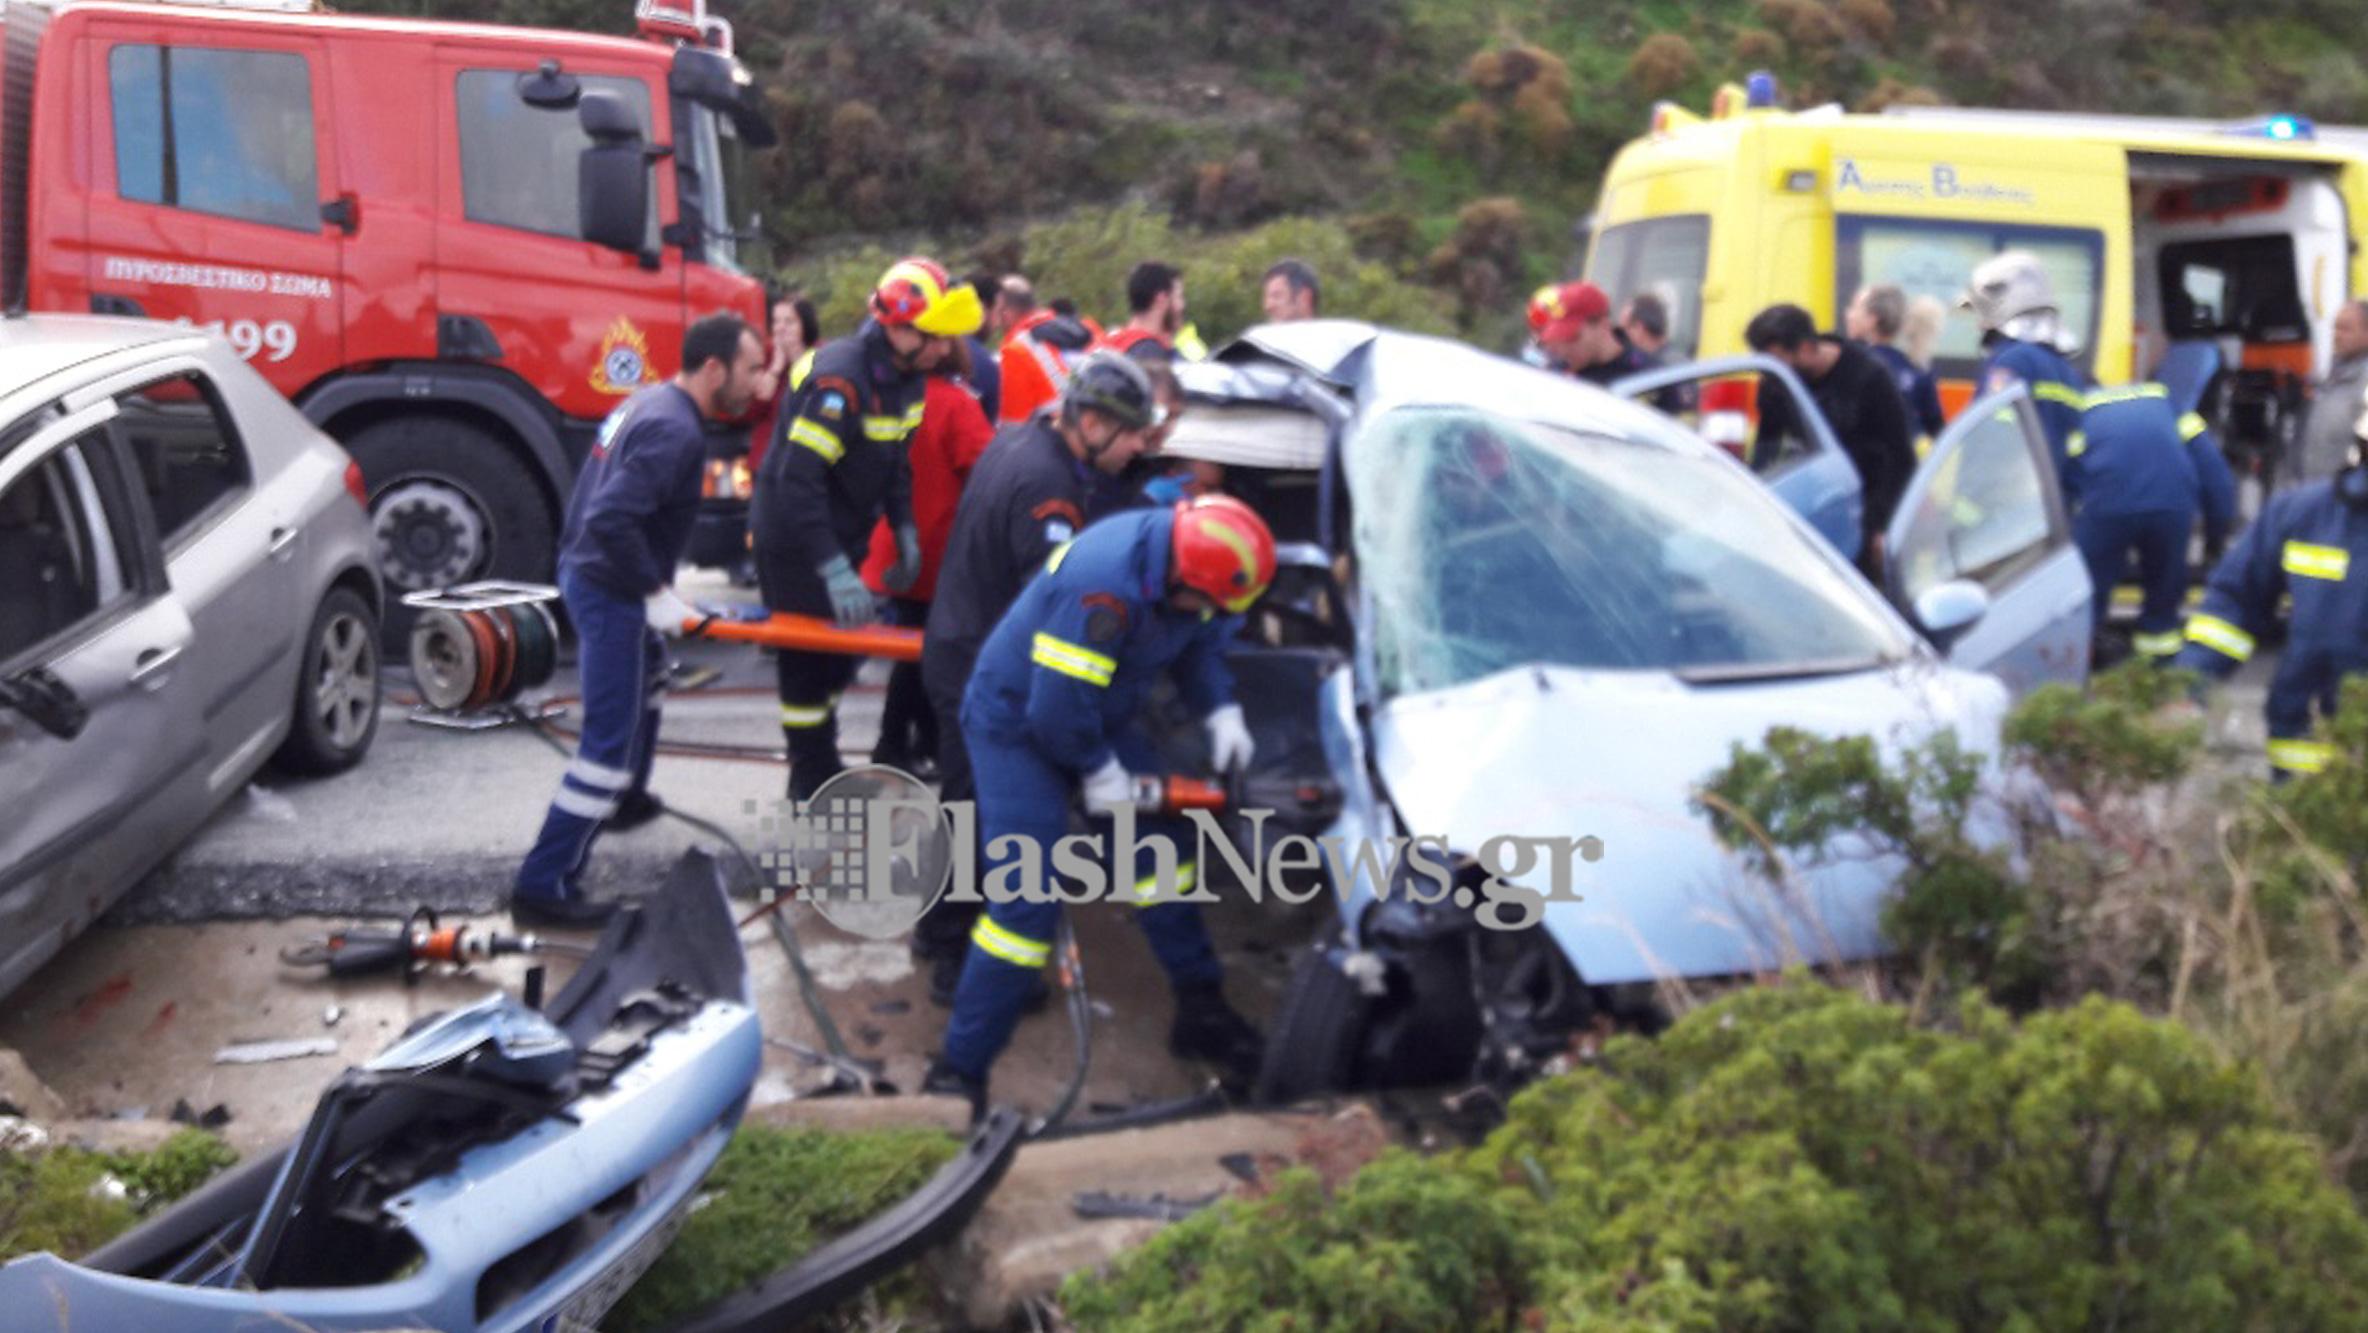 Πολύνεκρο τροχαίο δυστύχημα στον ΒΟΑΚ - Flashnews.gr a478eb40e63